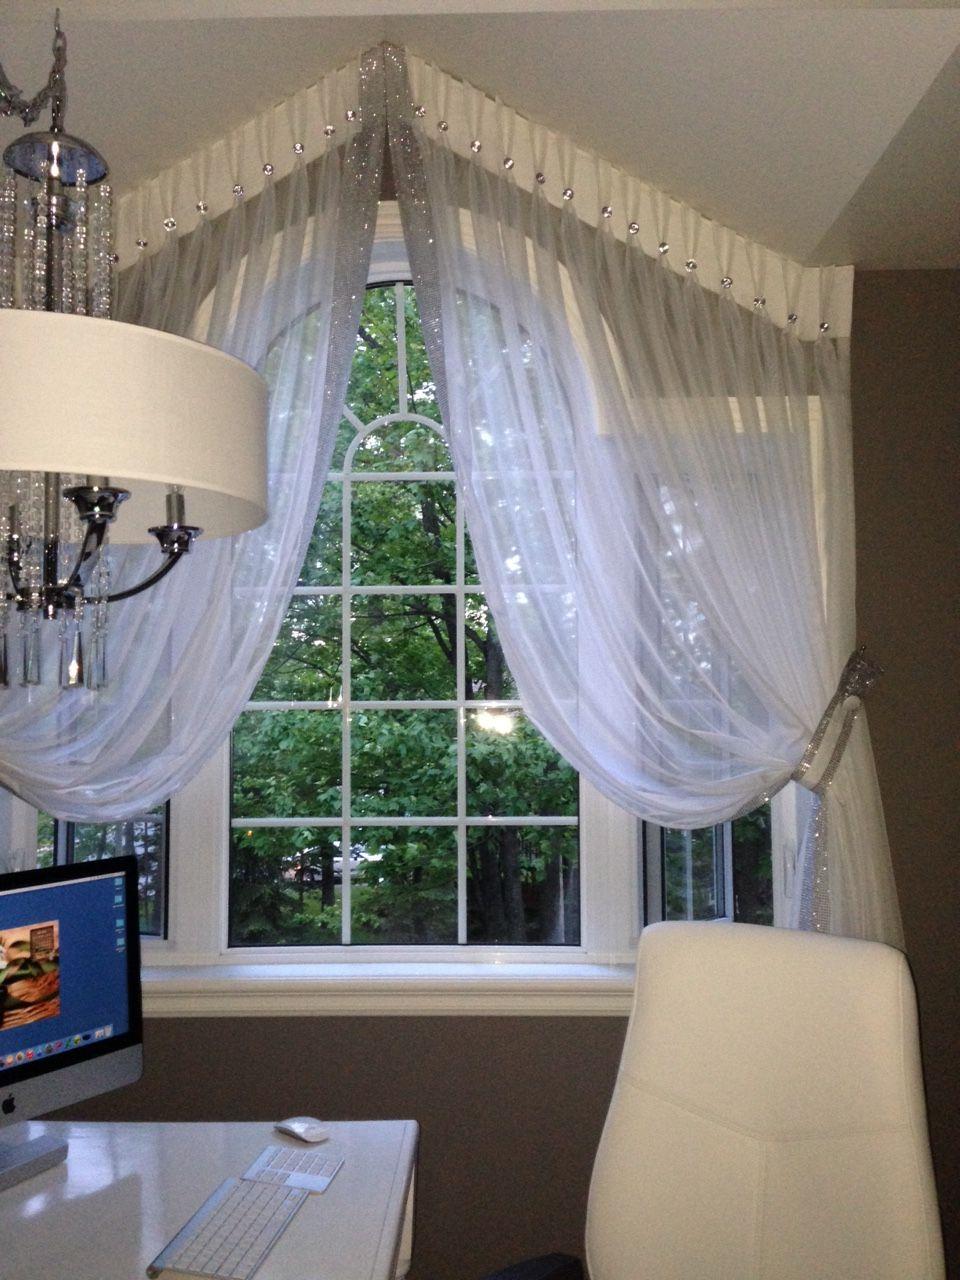 Type De Rideaux Pour Fenetre Cintrees rideaux a une fenêtre ronde | cortinas